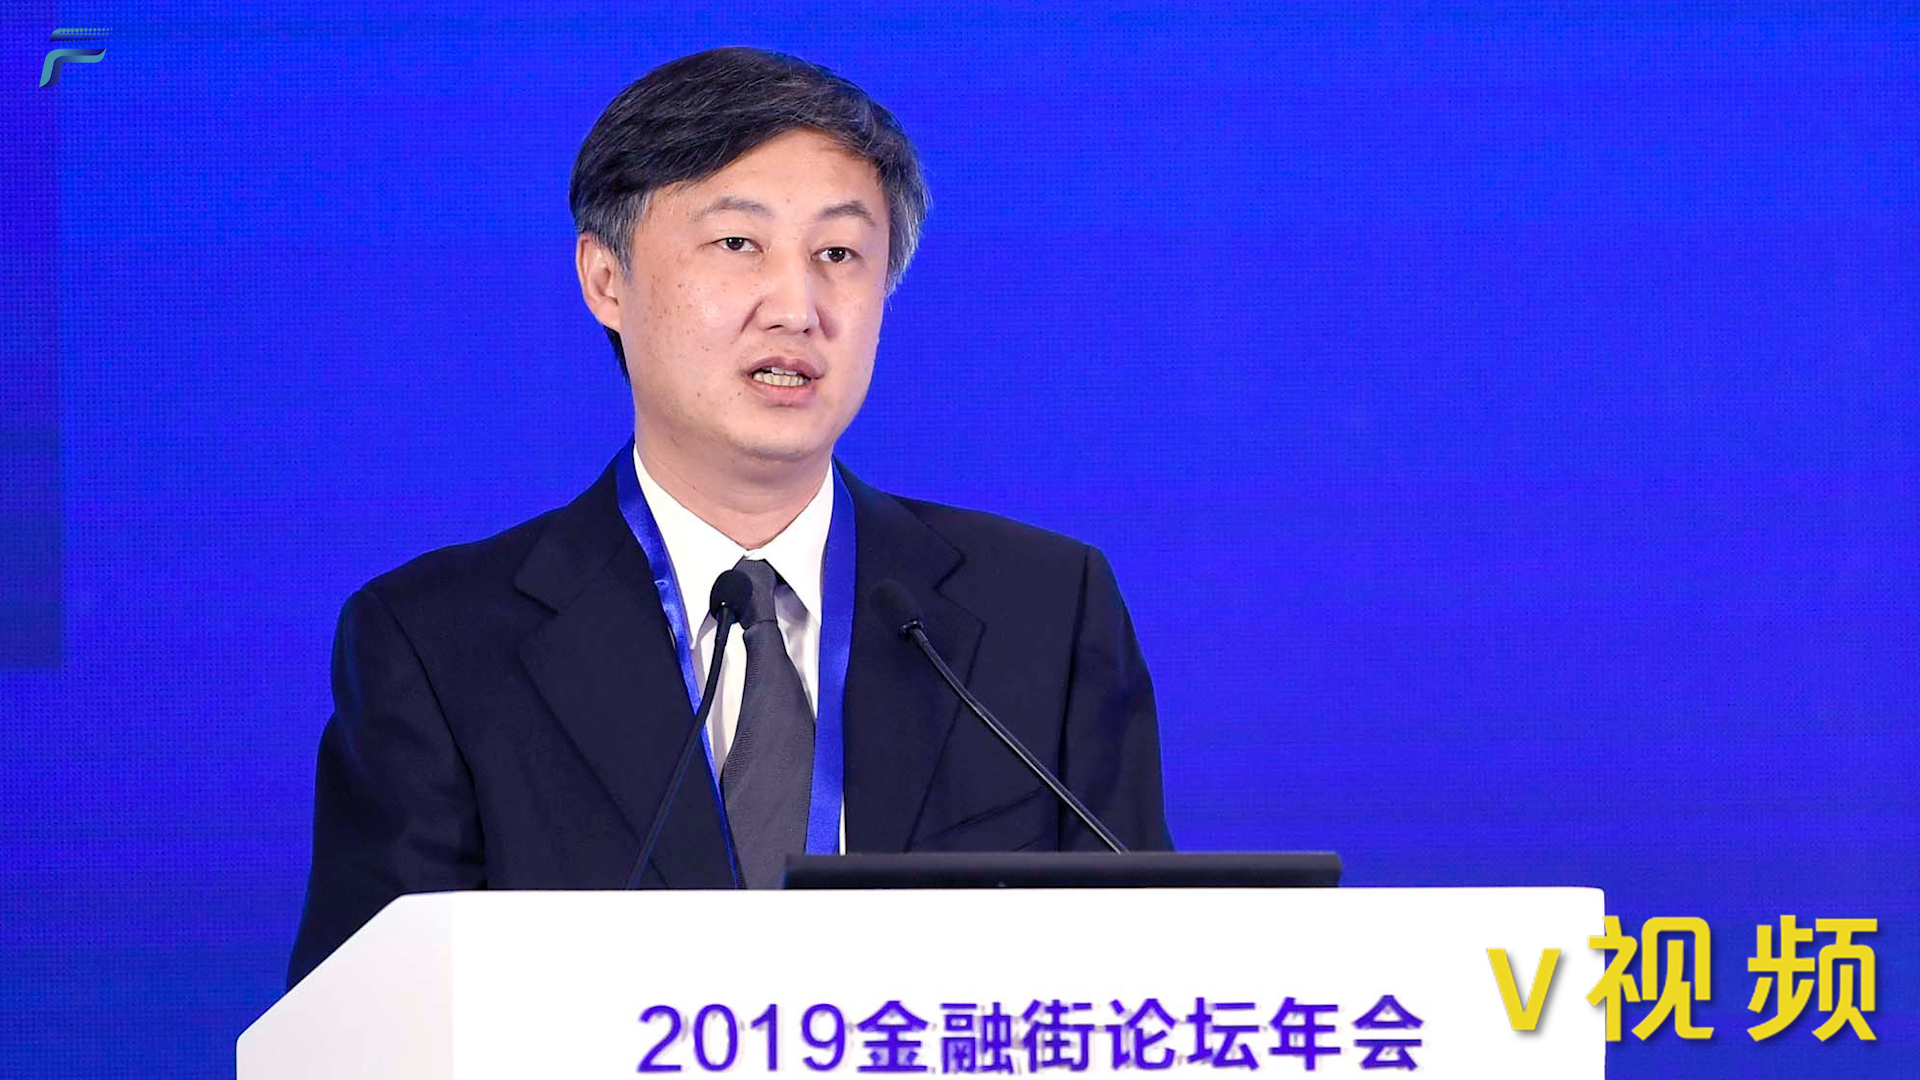 孙国峰:稳健货币政策是否松紧适度有一个标准